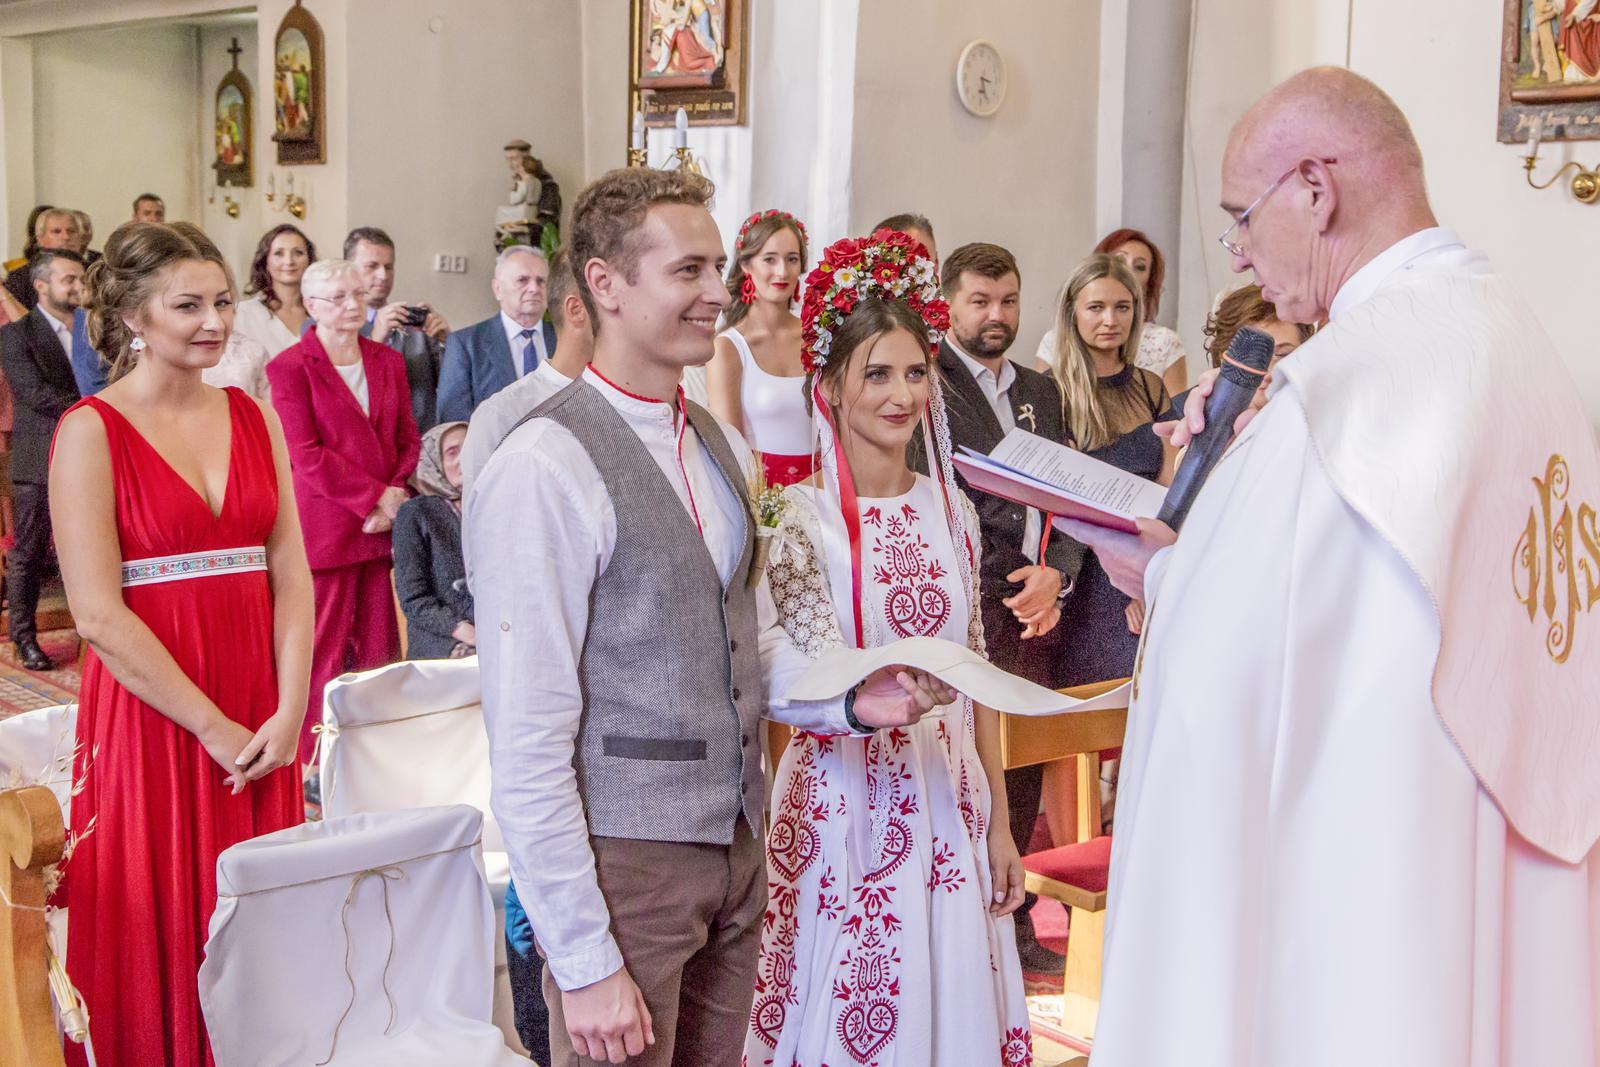 Svadba Majka a Vilko - Vinné 2018 - Obrázok č. 20